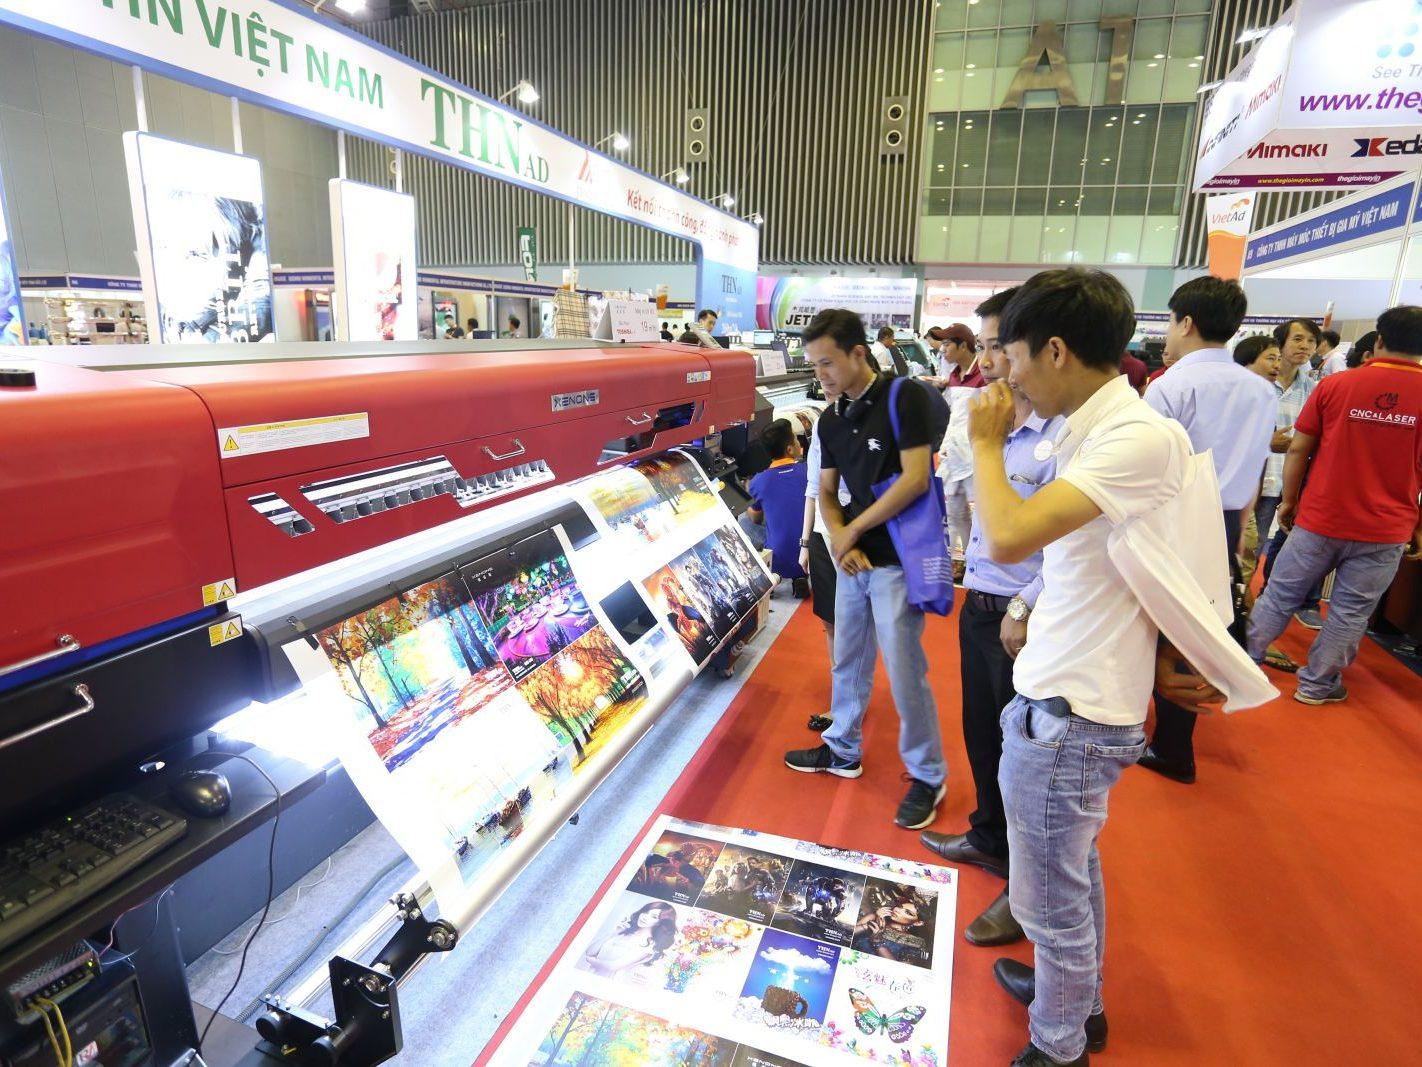 Triển lãm quốc tế thiết bị và công nghệ quảng cáo việt nam...